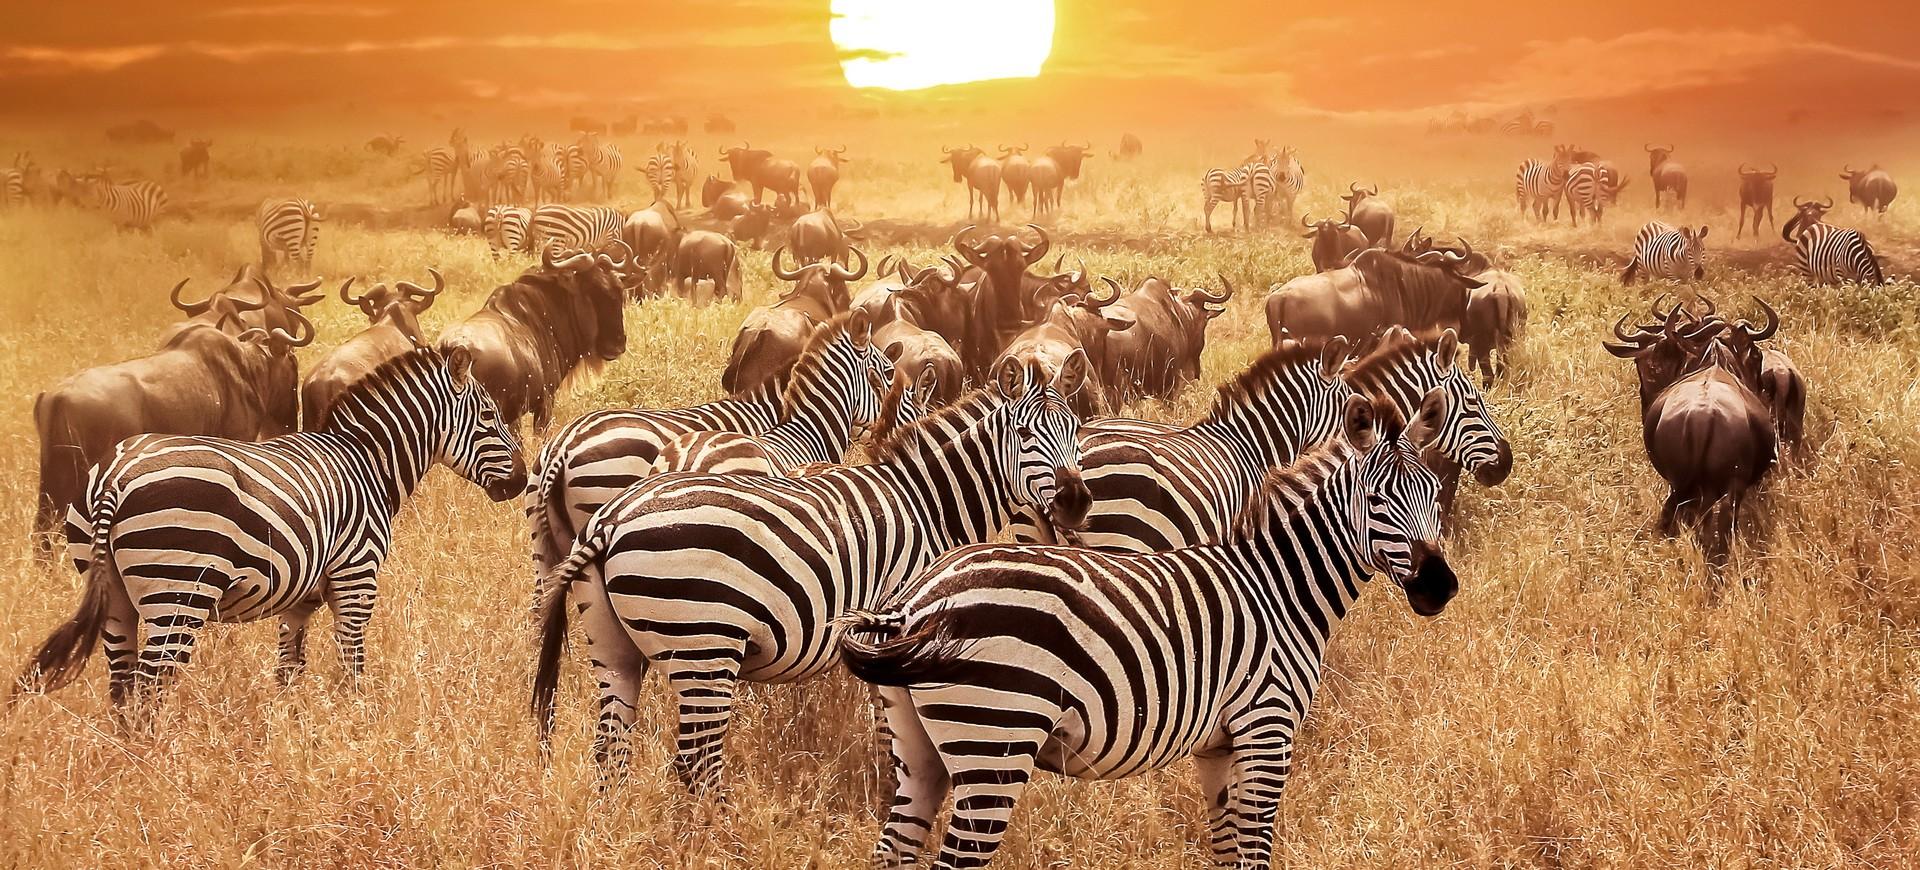 Zèbres dans le Parc Kruger